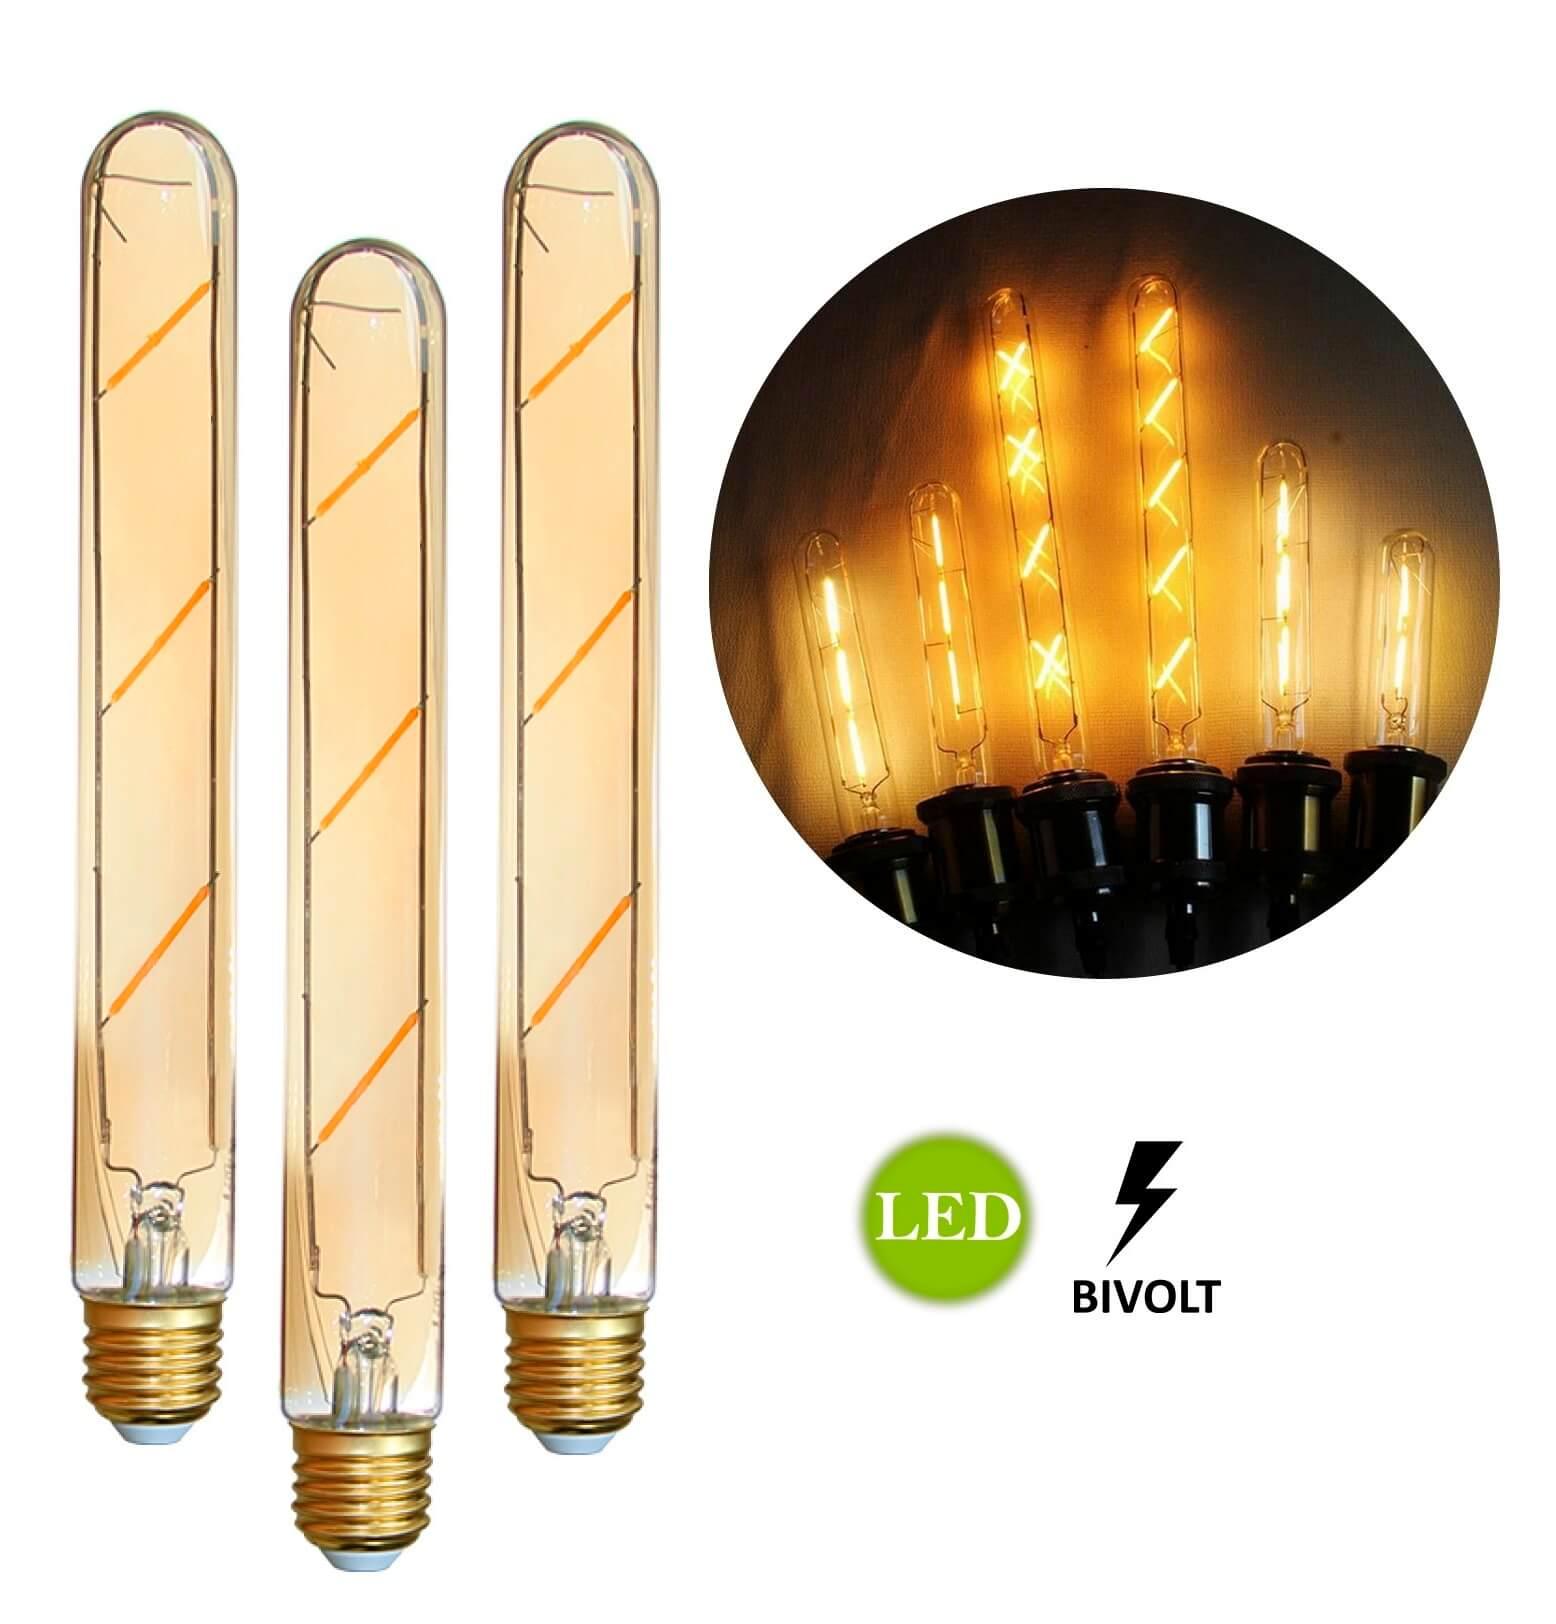 3 Lâmpadas de Filamento LED T185 4W Bivolt